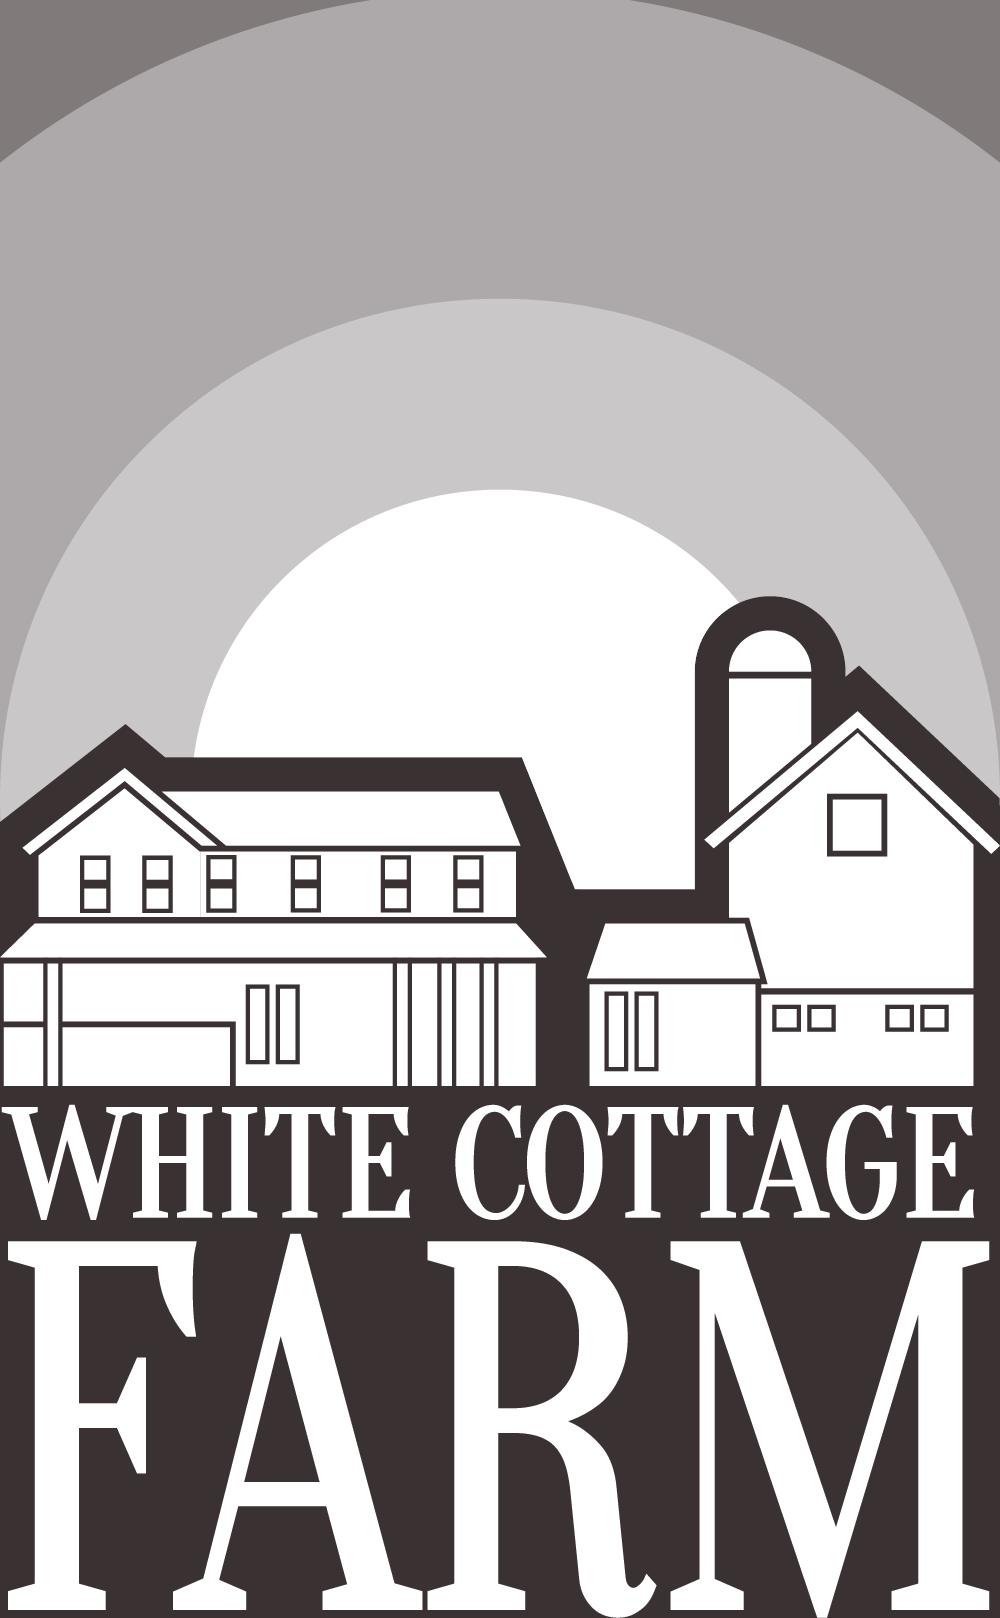 White Cottage Farm